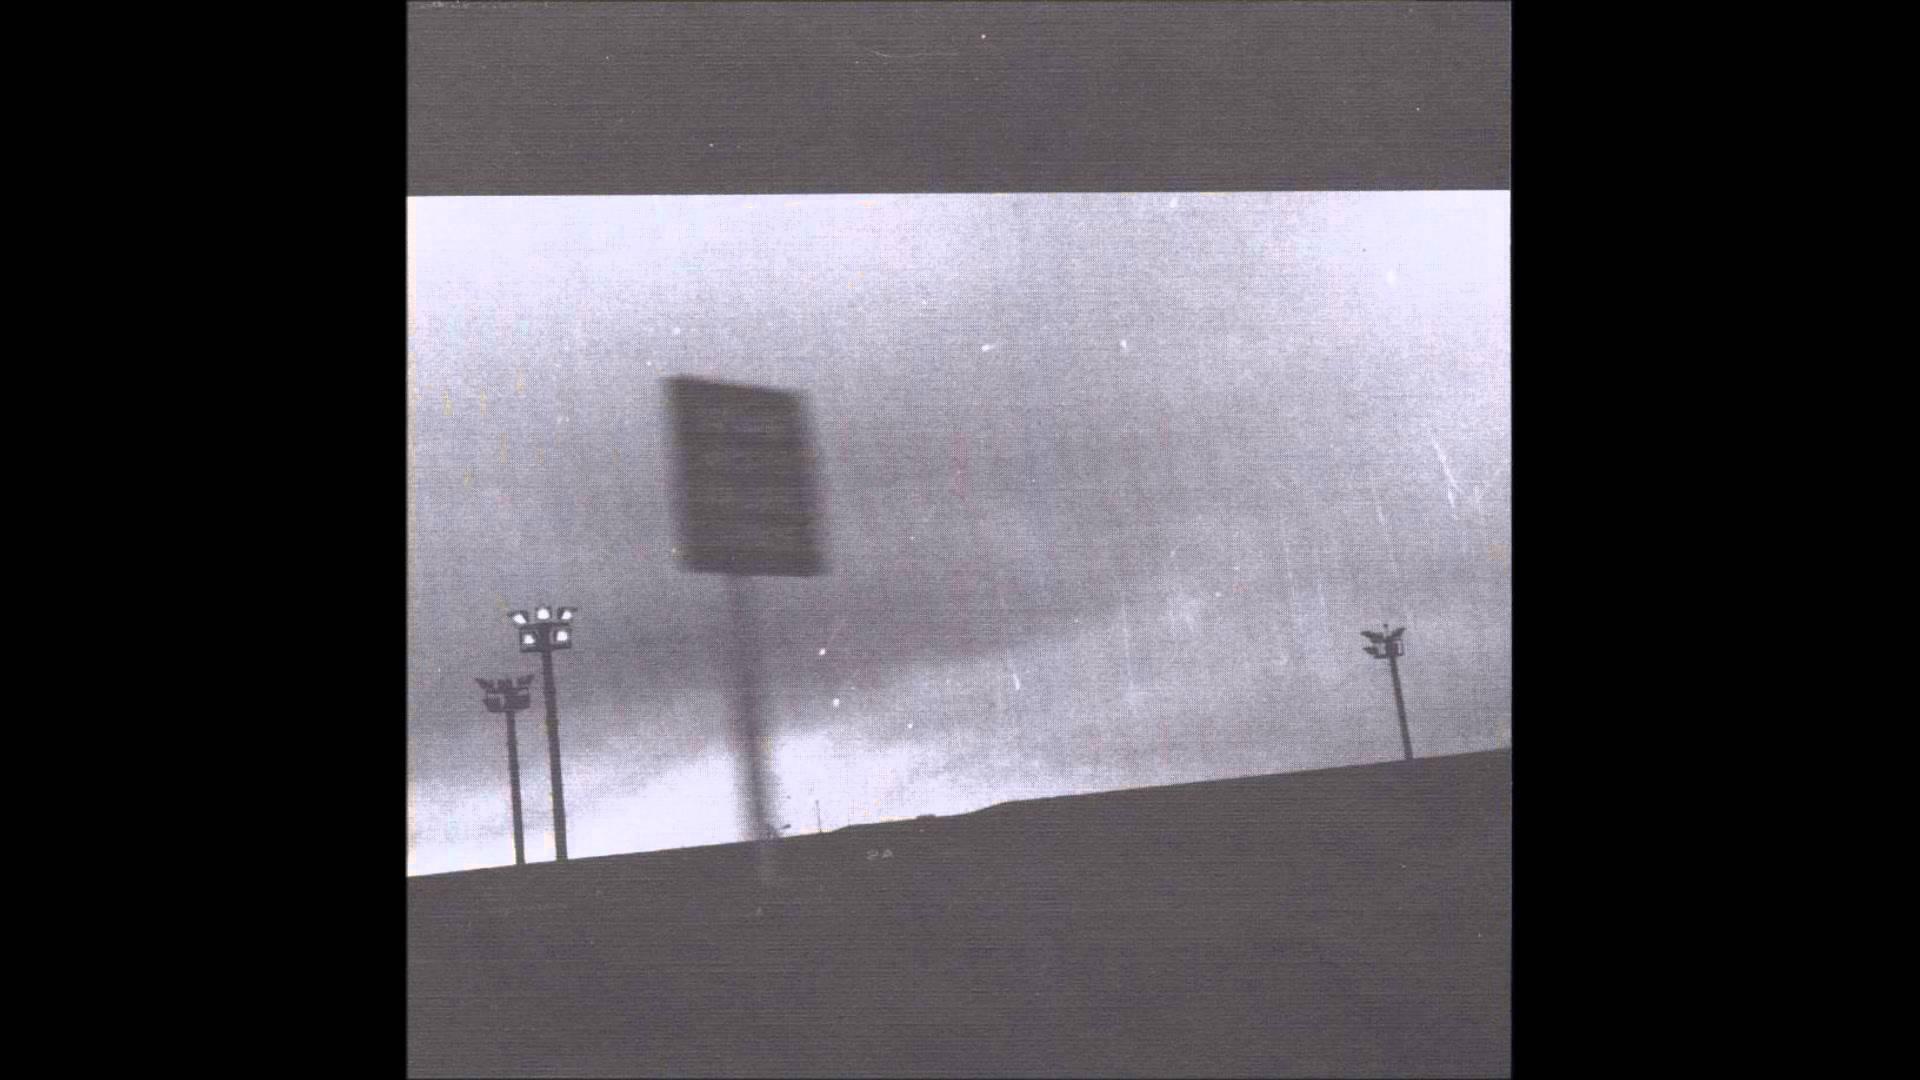 Godspeed You Black Emperor Fa∞ 1998 Videos